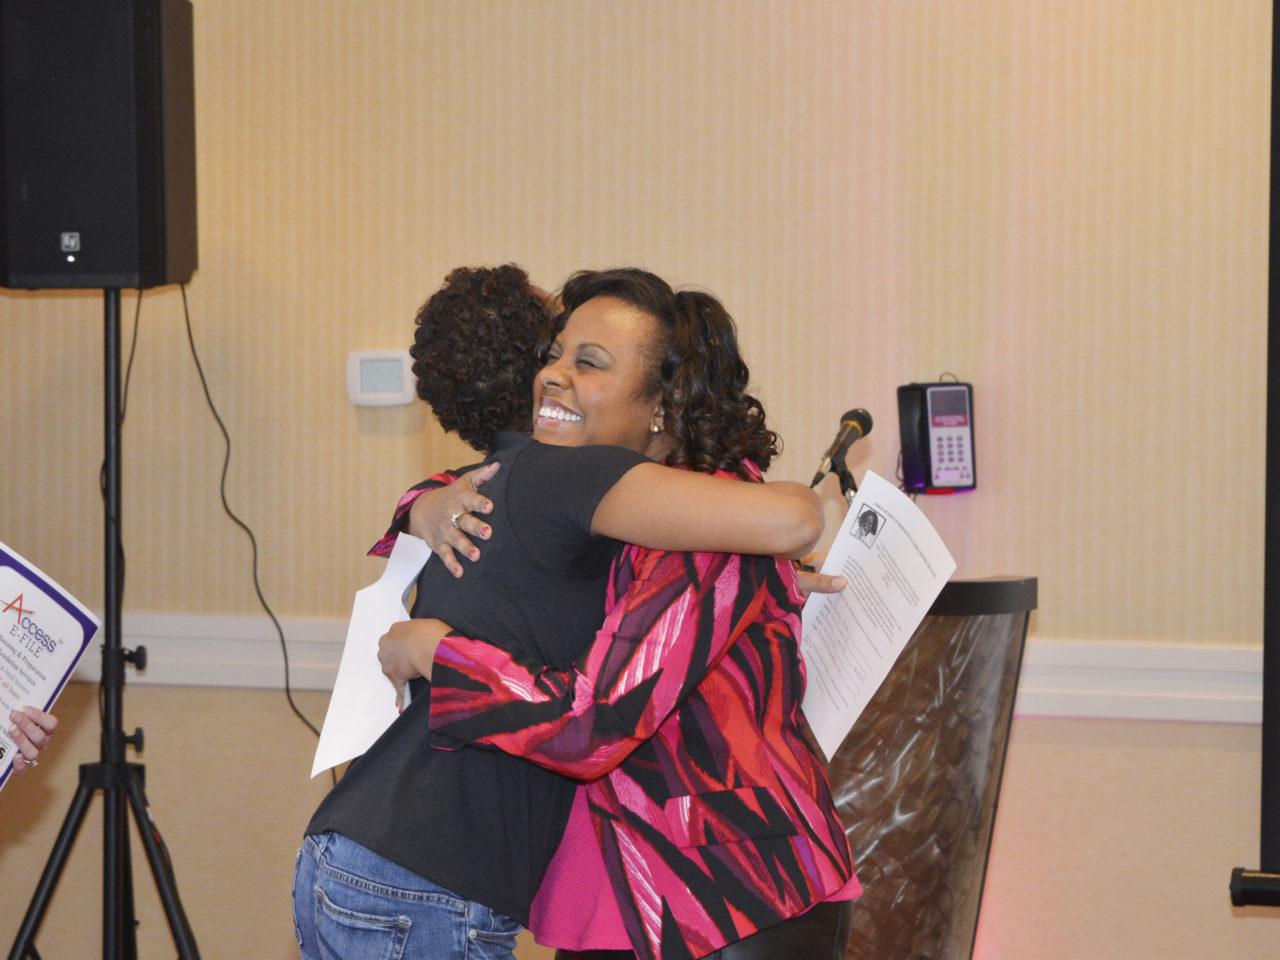 my hug